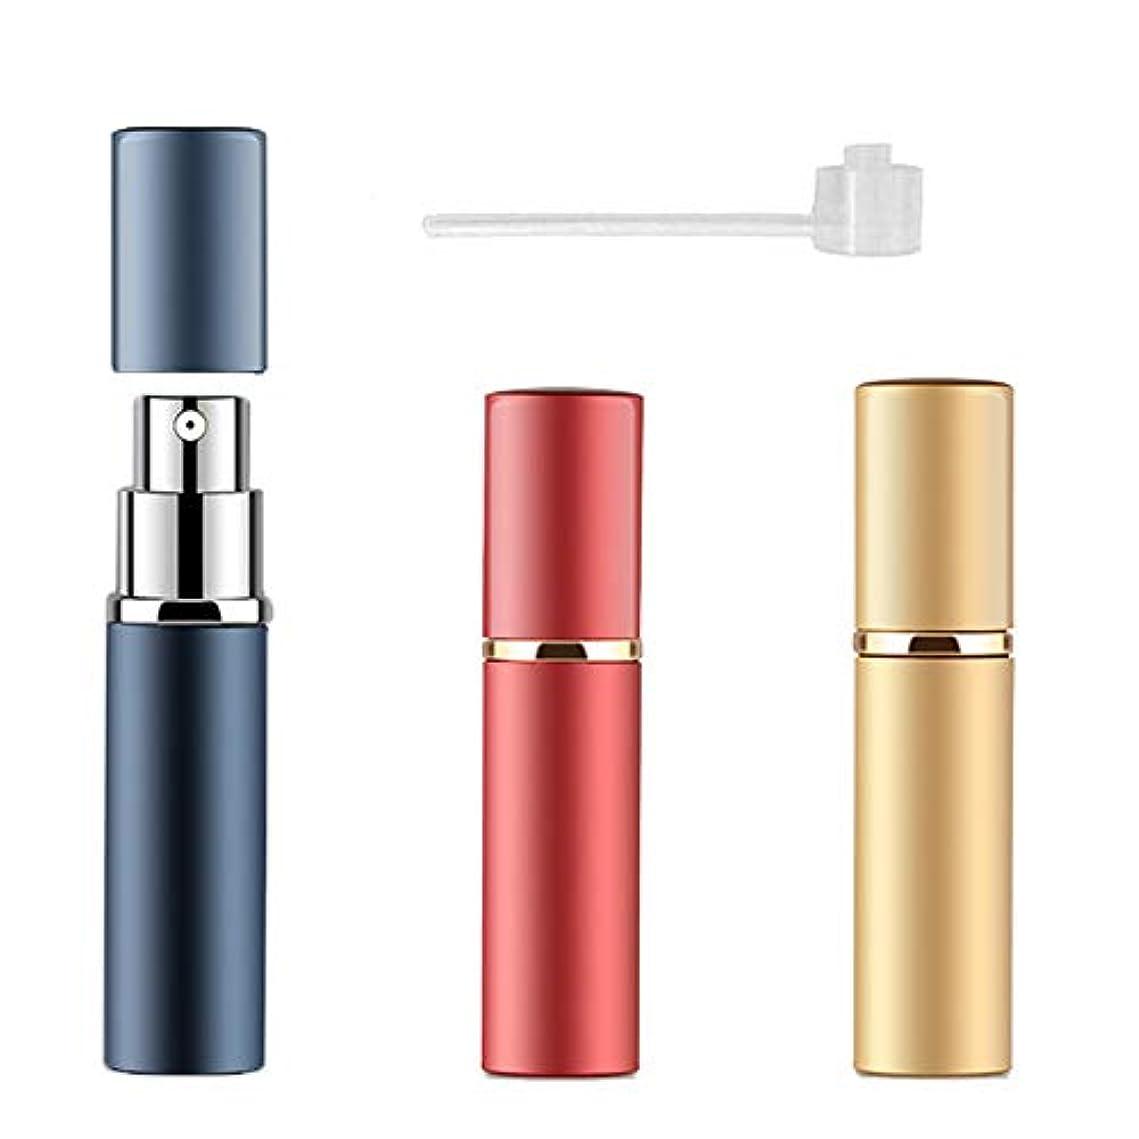 怪物インフレーション裸アトマイザー 香水 詰め替え容器 スプレーボトル 小分けボトル トラベルボトル 旅行携帯便利 (3色セット)